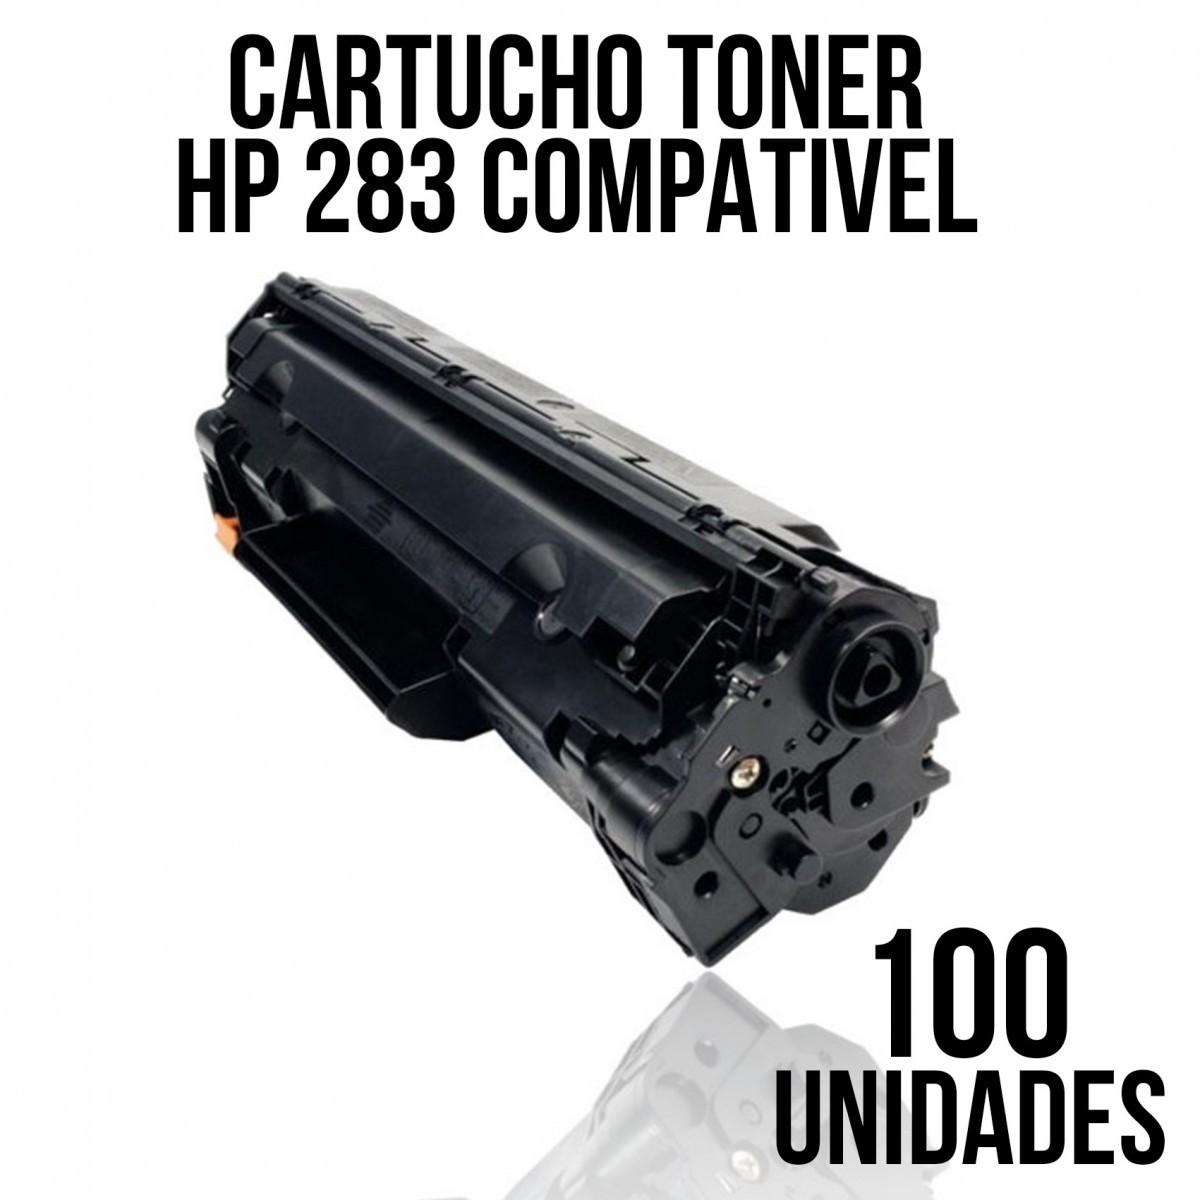 TONER COMPATÍVEL HP 283 A - COM 100 UNIDADES